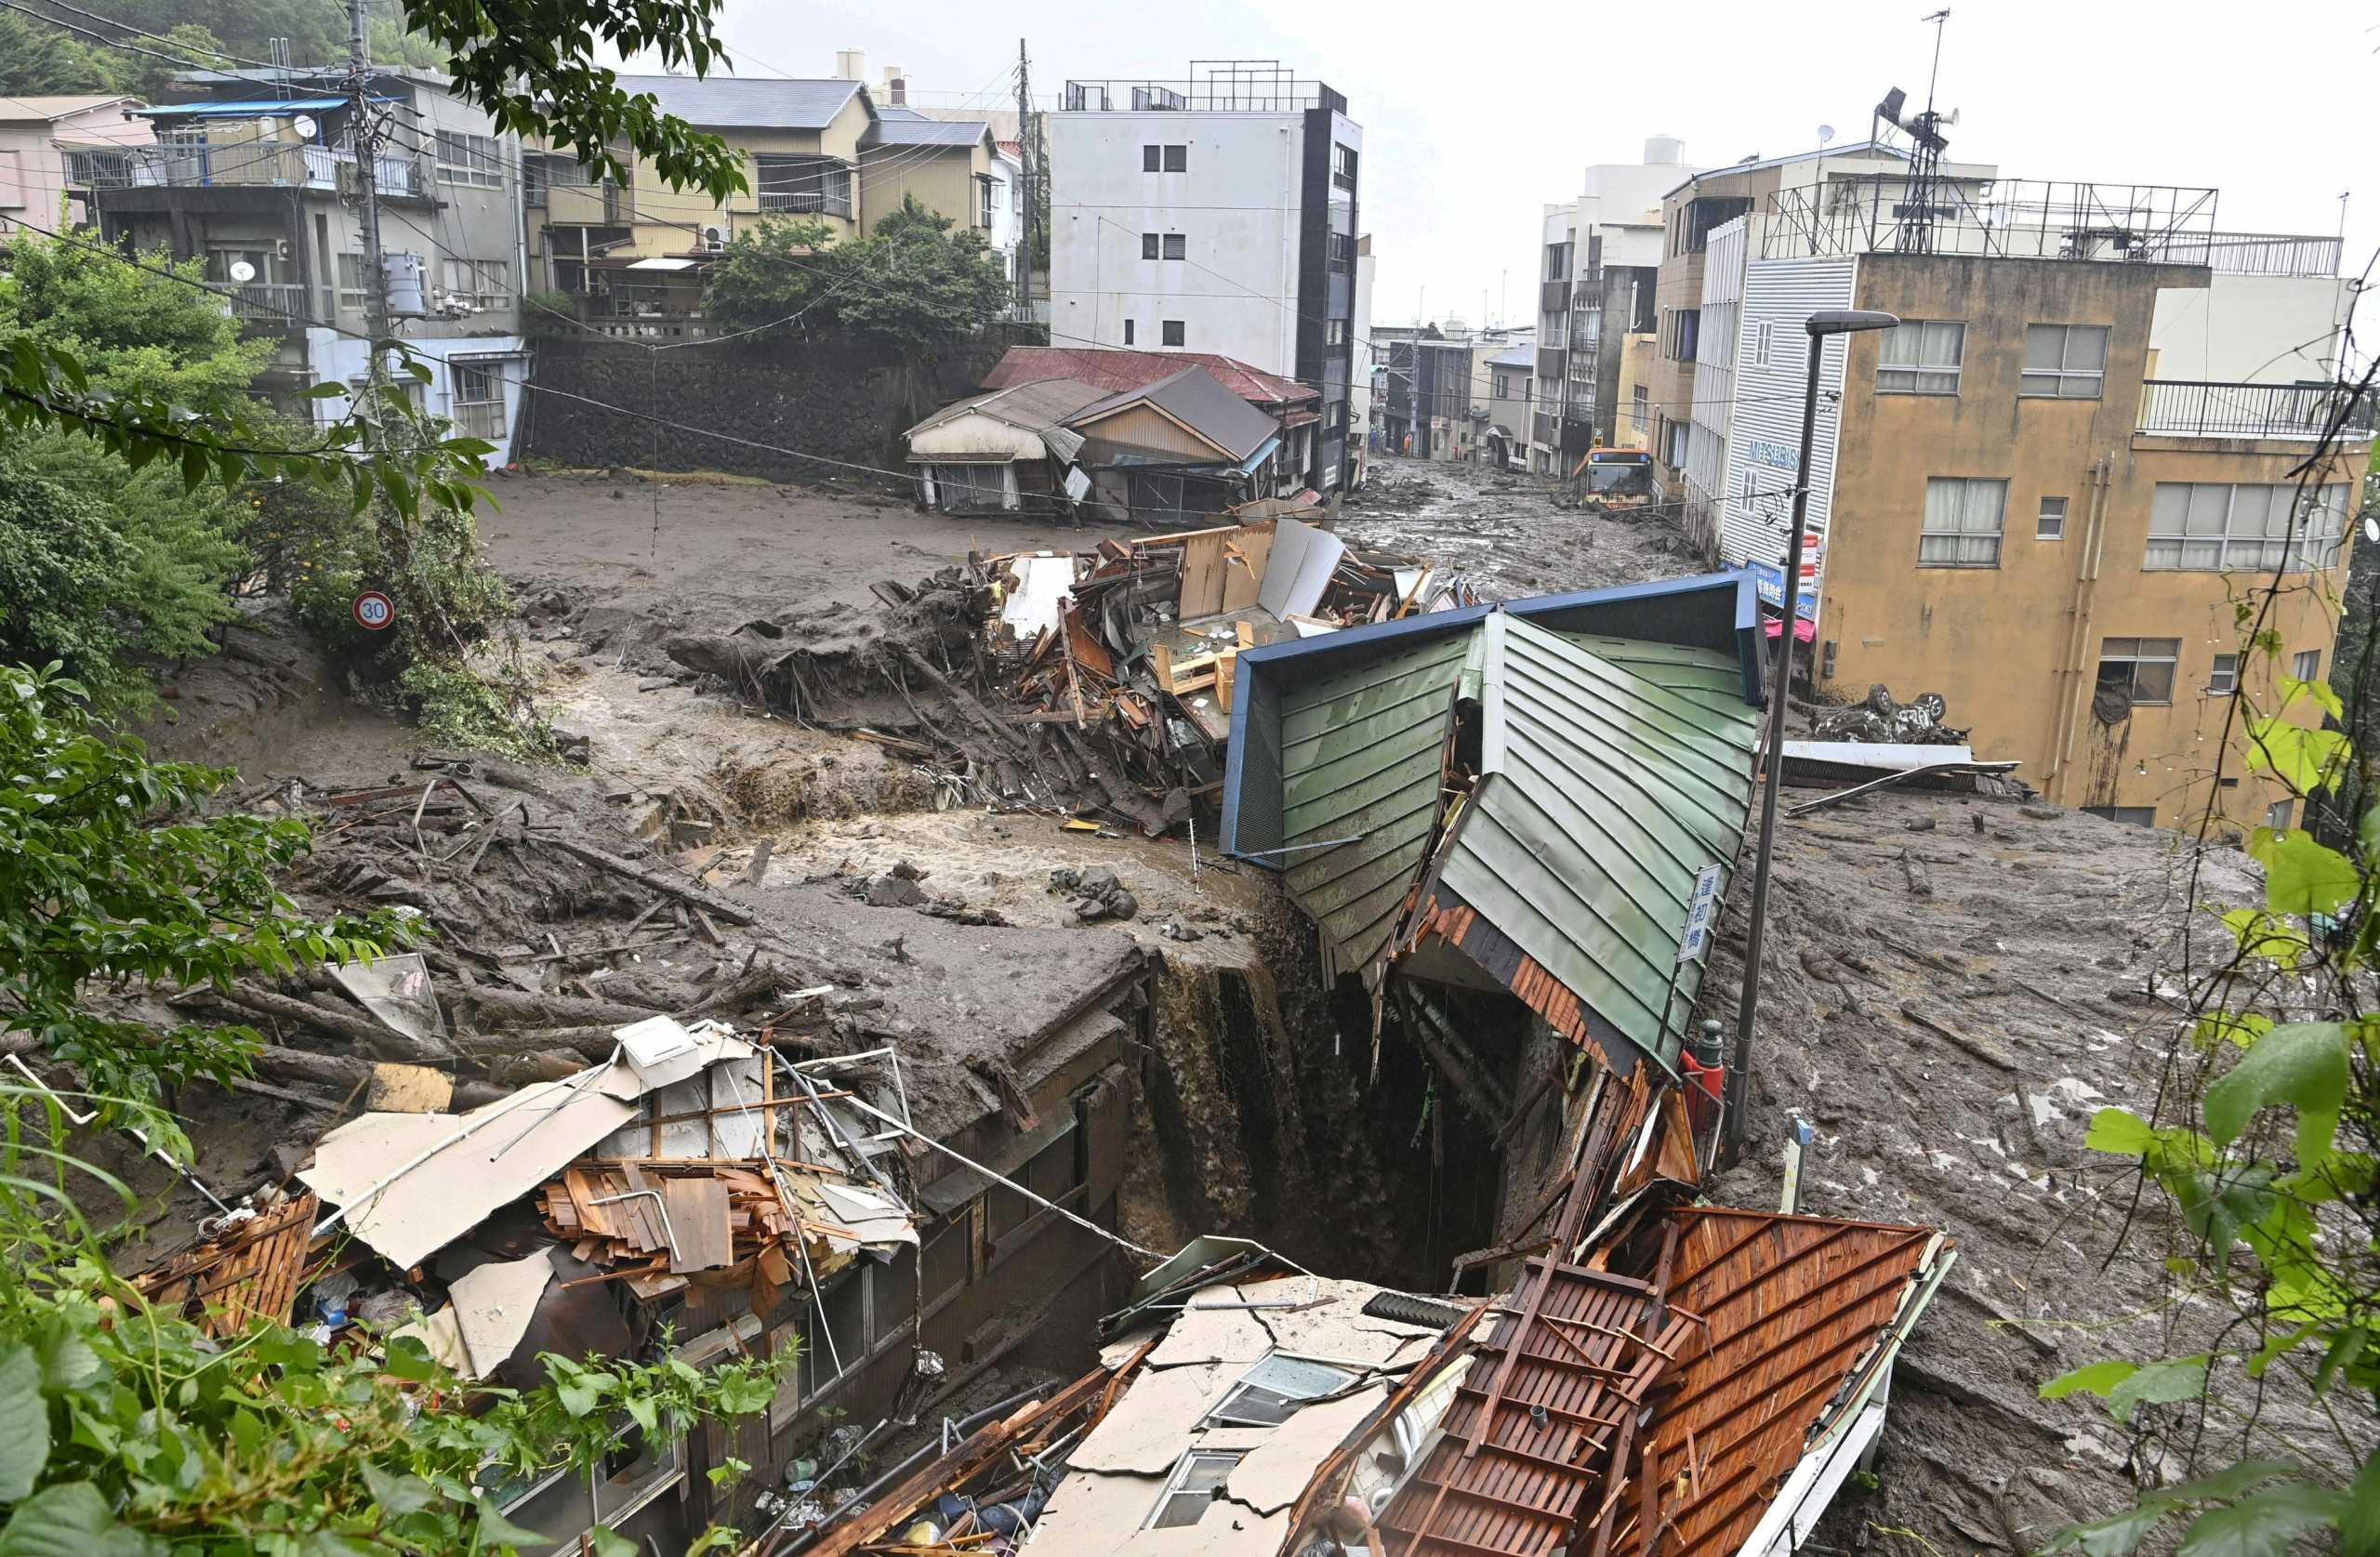 Καταρρακτώδεις βροχές σαρώνουν την Ιαπωνία: Τουλάχιστον 2 νεκροί – Δεκάδες αγνοούμενοι από τις κατολισθήσεις